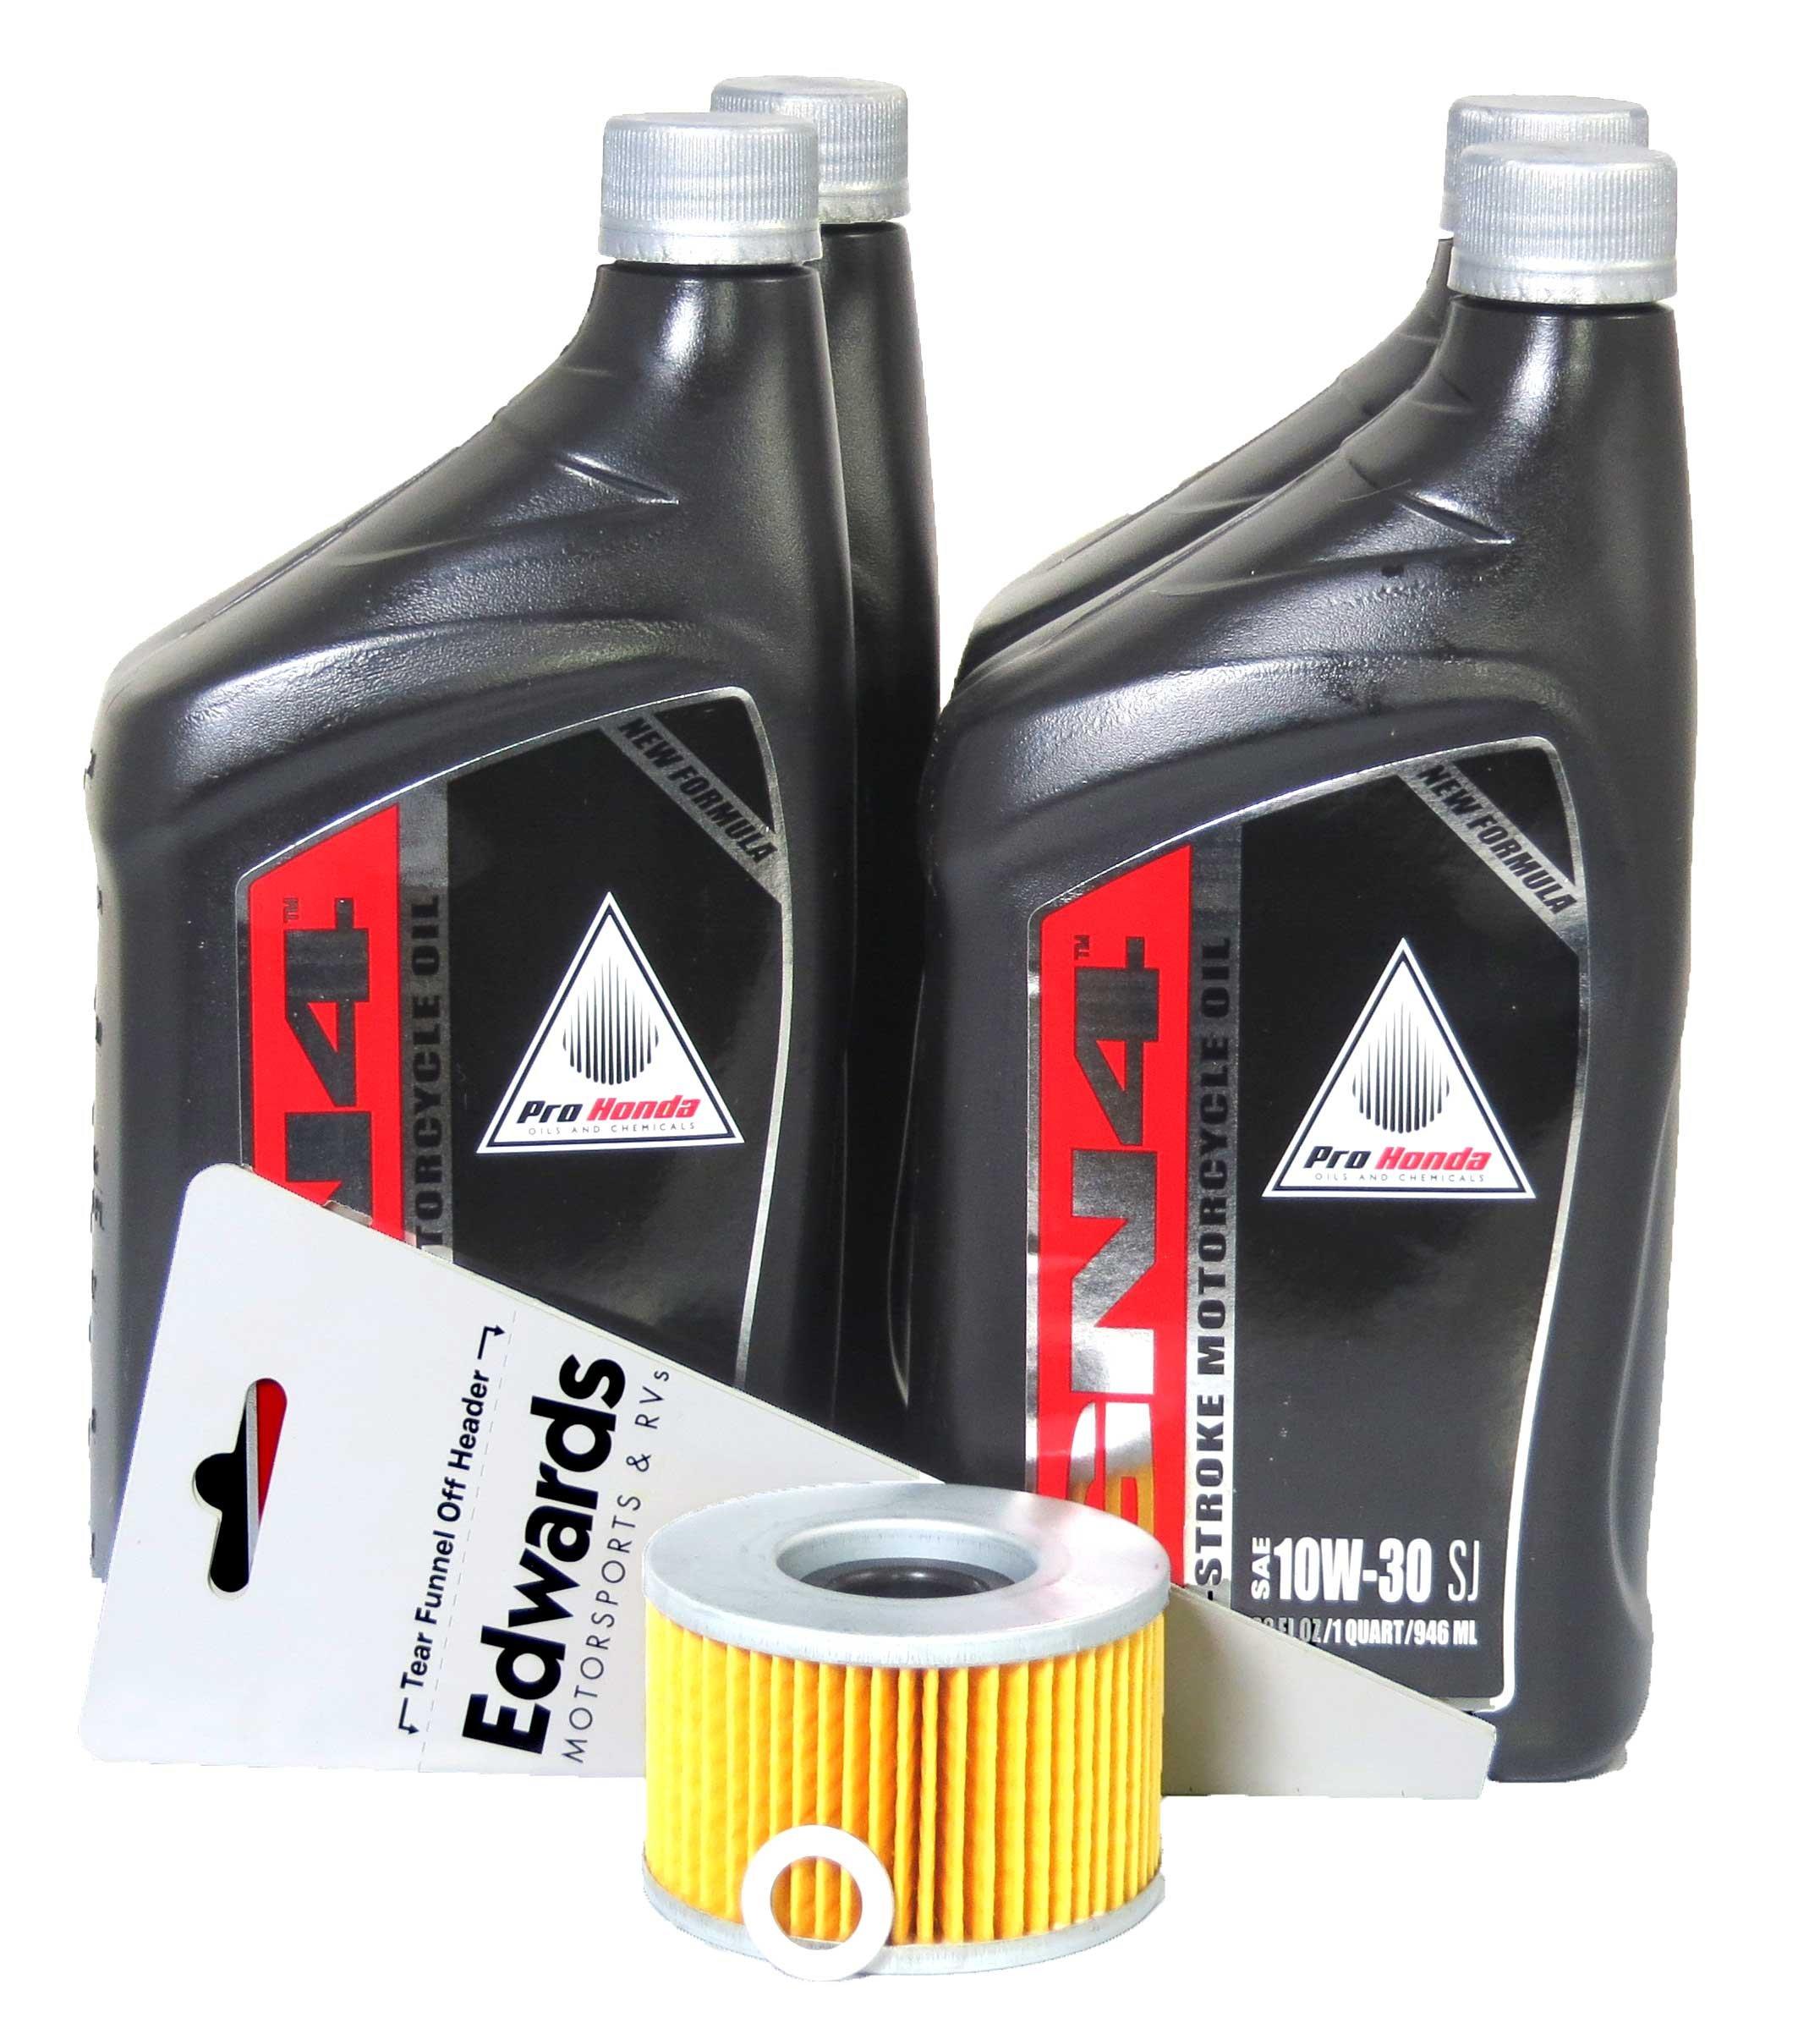 2014-2018 Honda Pioneer 700 Oil Change Kit